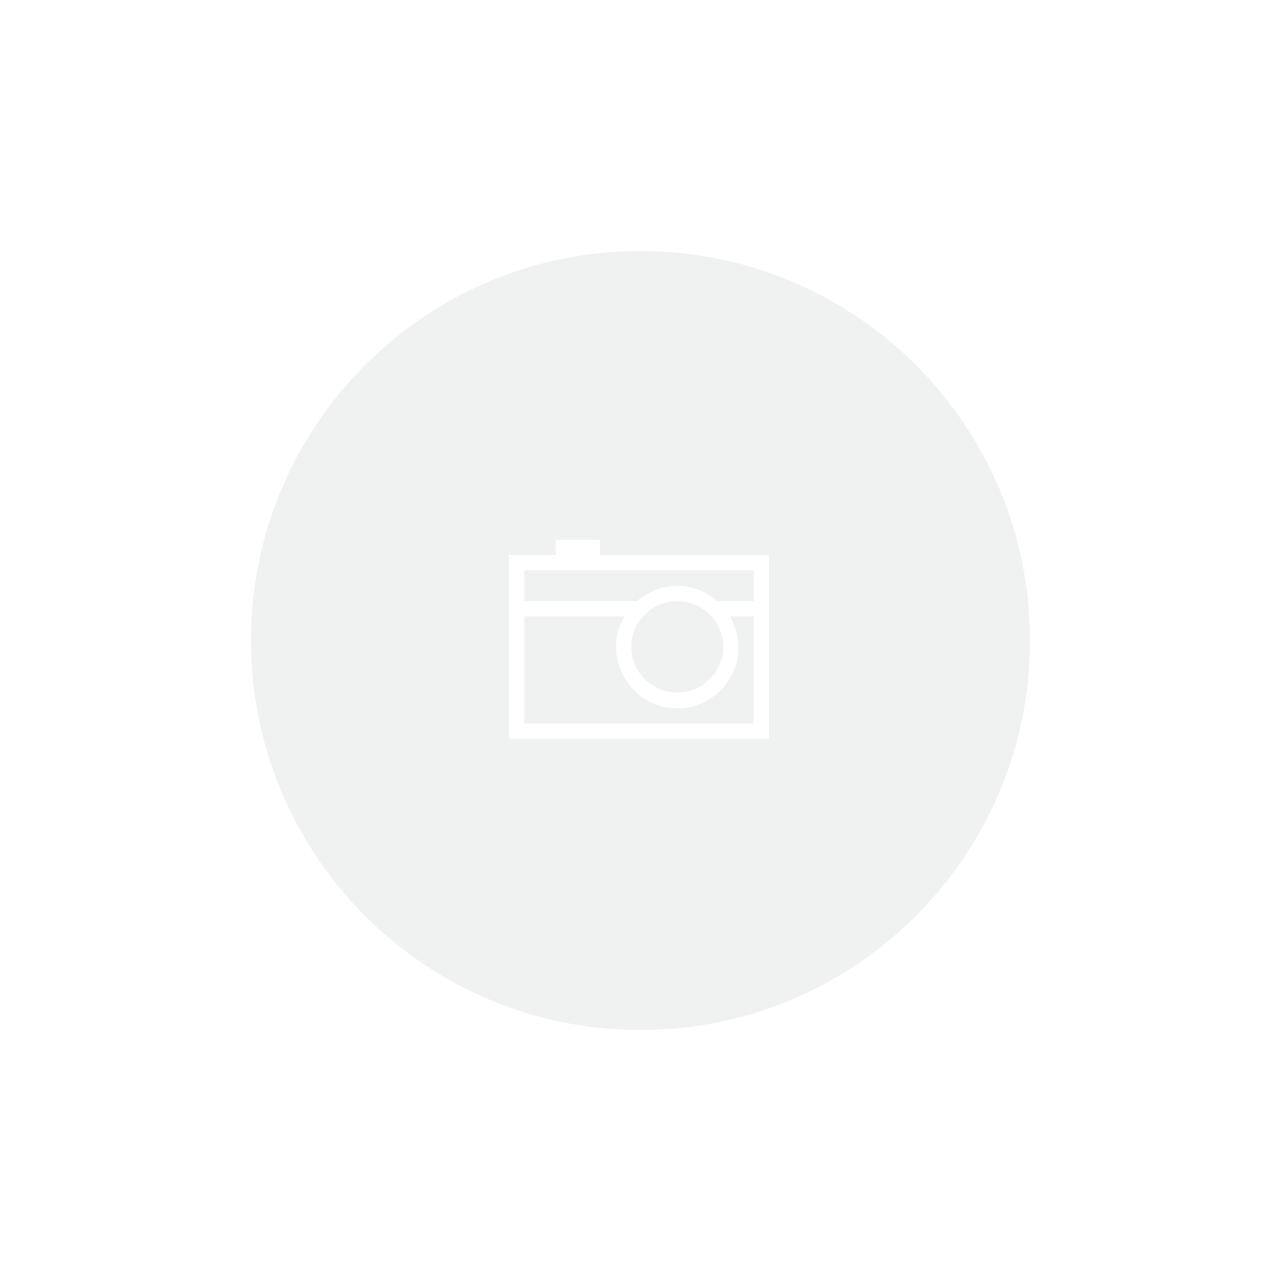 Chave Seletora 2 Posições sem Retorno - 1NA